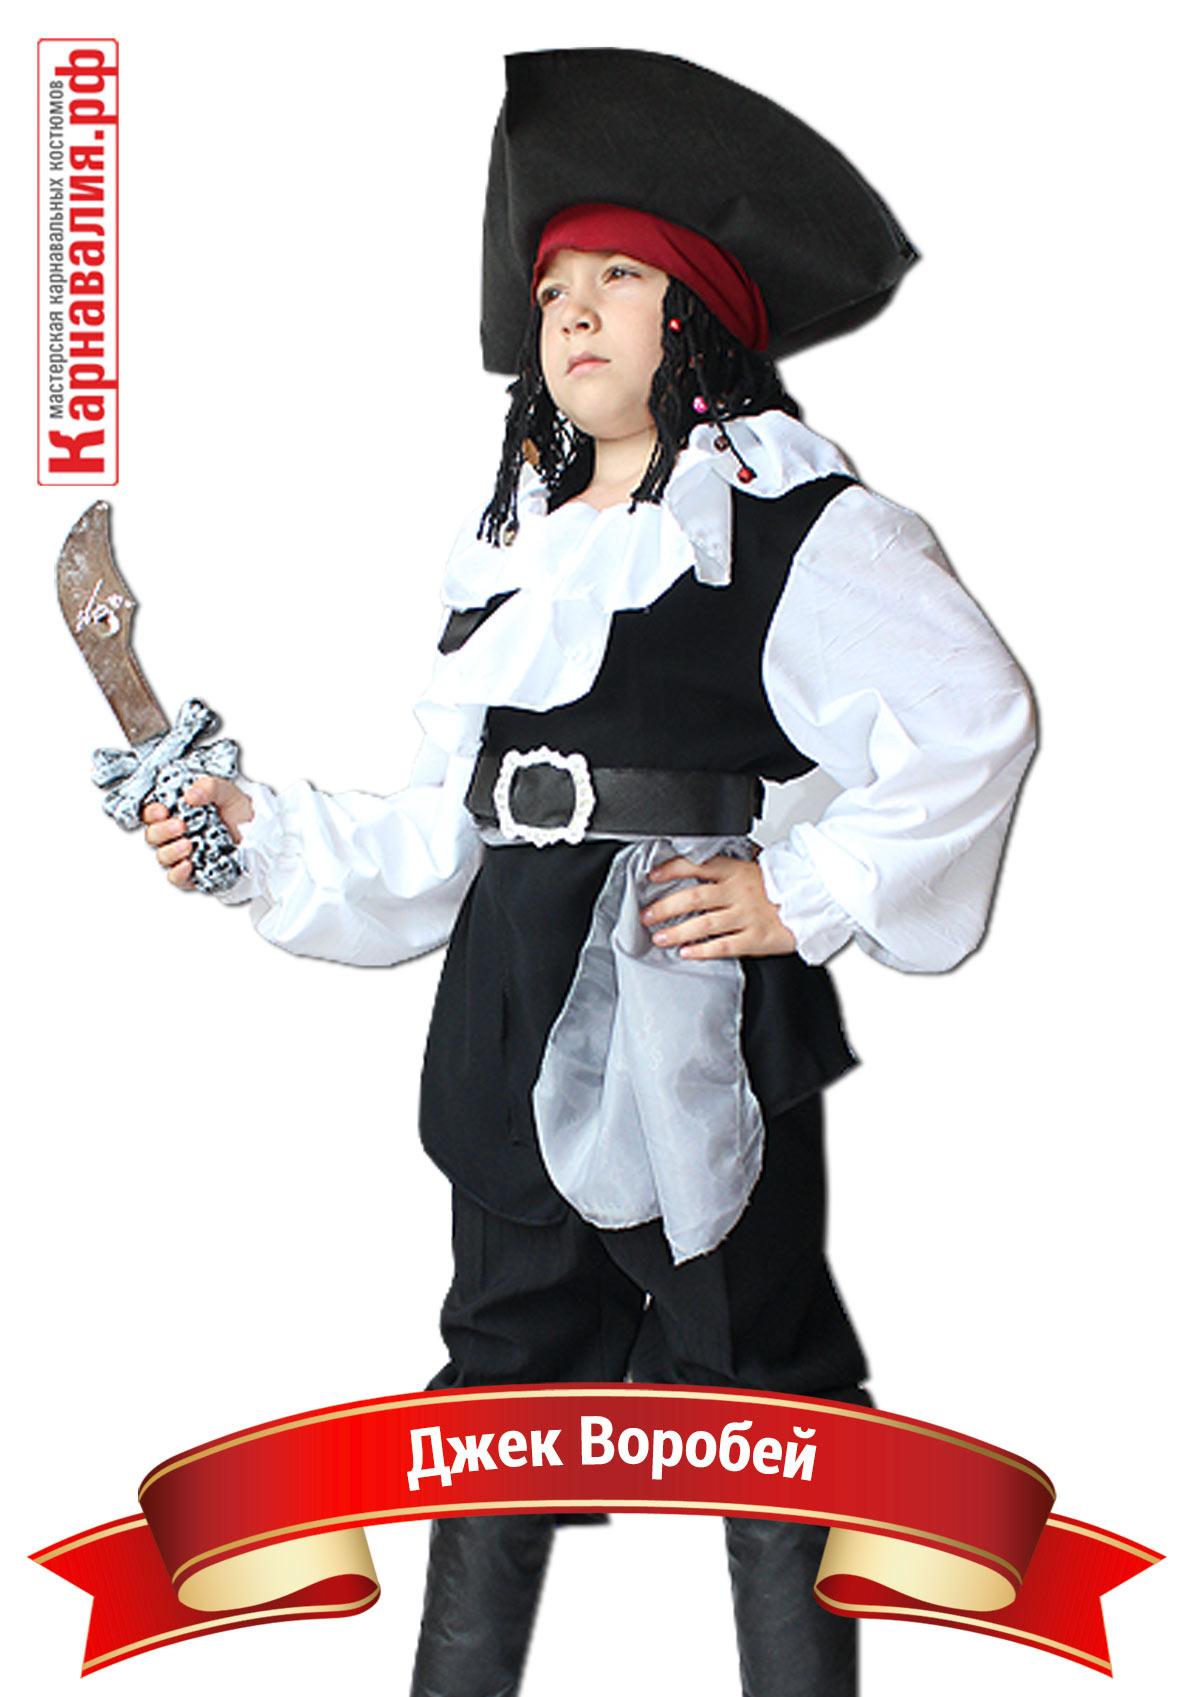 Карнавалия - мастерская новогодних костюмов. Какой новый год без перевоплощений? Обезьянки, леший, баба яга, а так же феи, пираты и многие другие! Огромный выбор. Рост от 92см. и выше. Выкуп 2